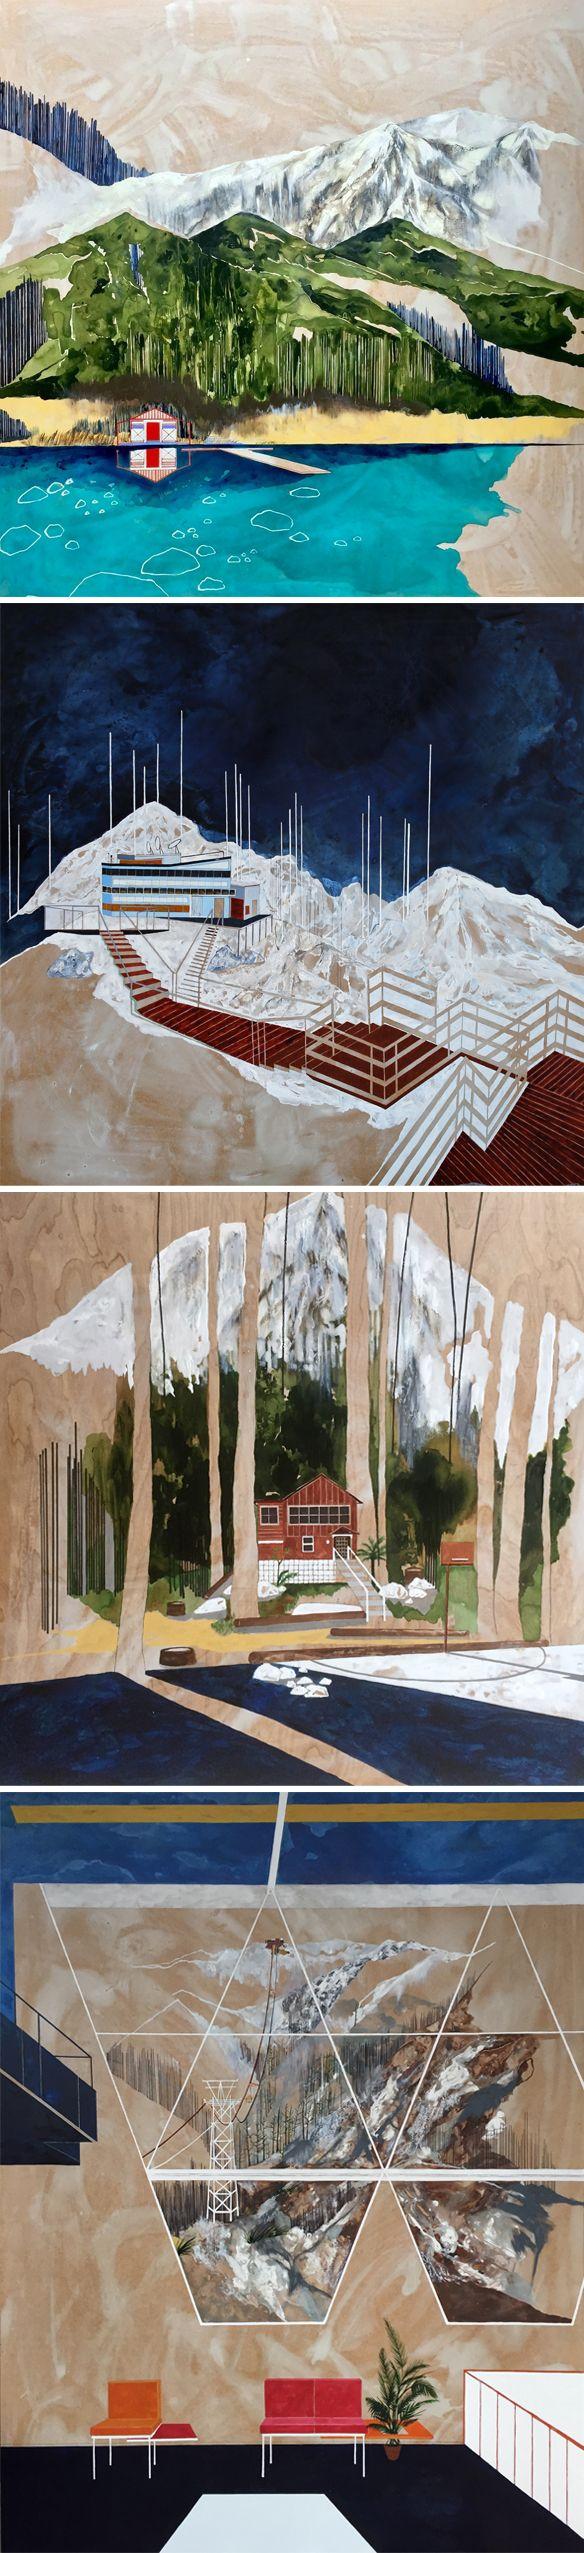 paintings by charlotte keates